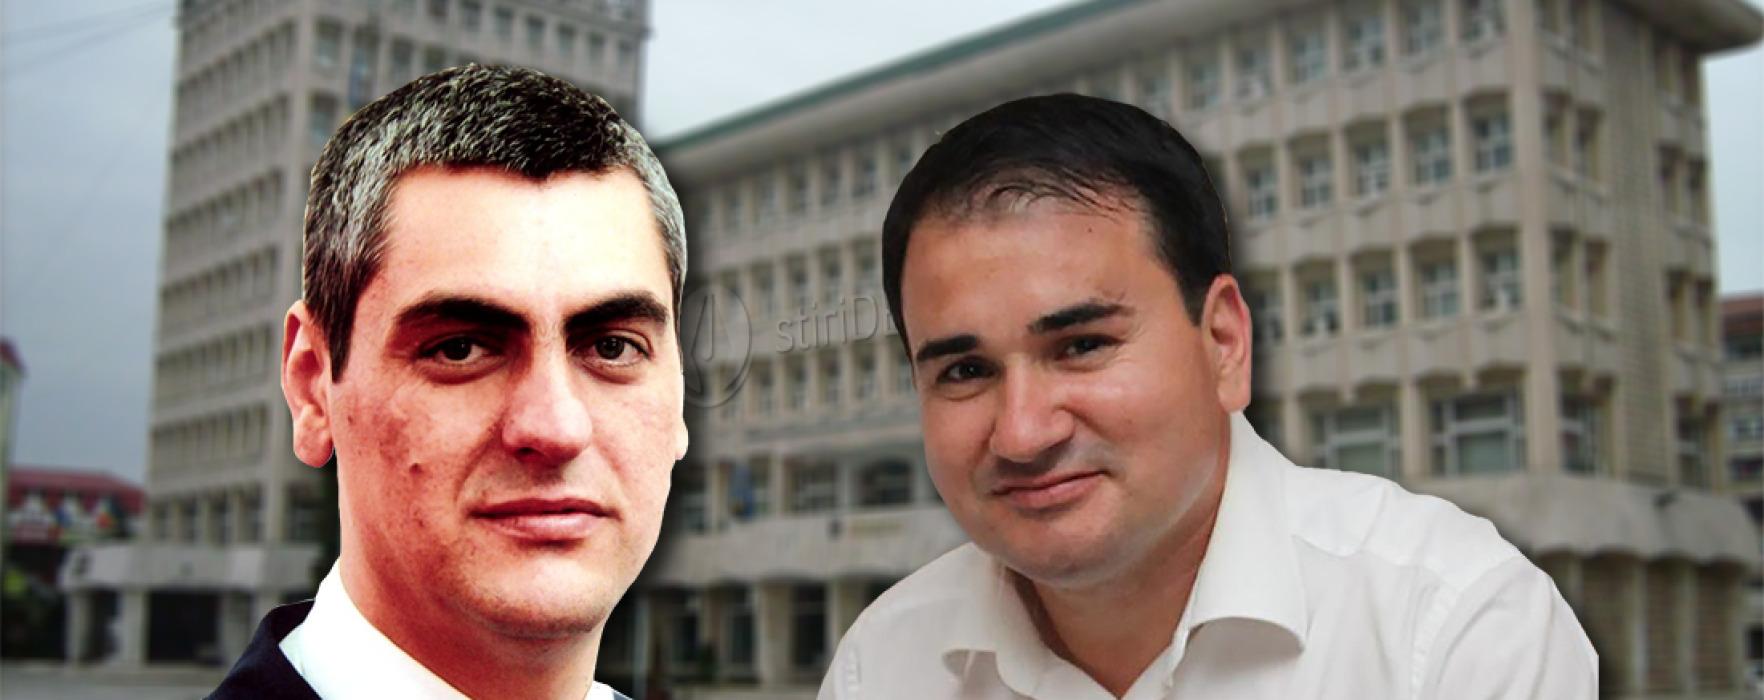 Dâmboviţa: Doi consilieri judeţeni PSD au plecat din partid şi rămân independenţi